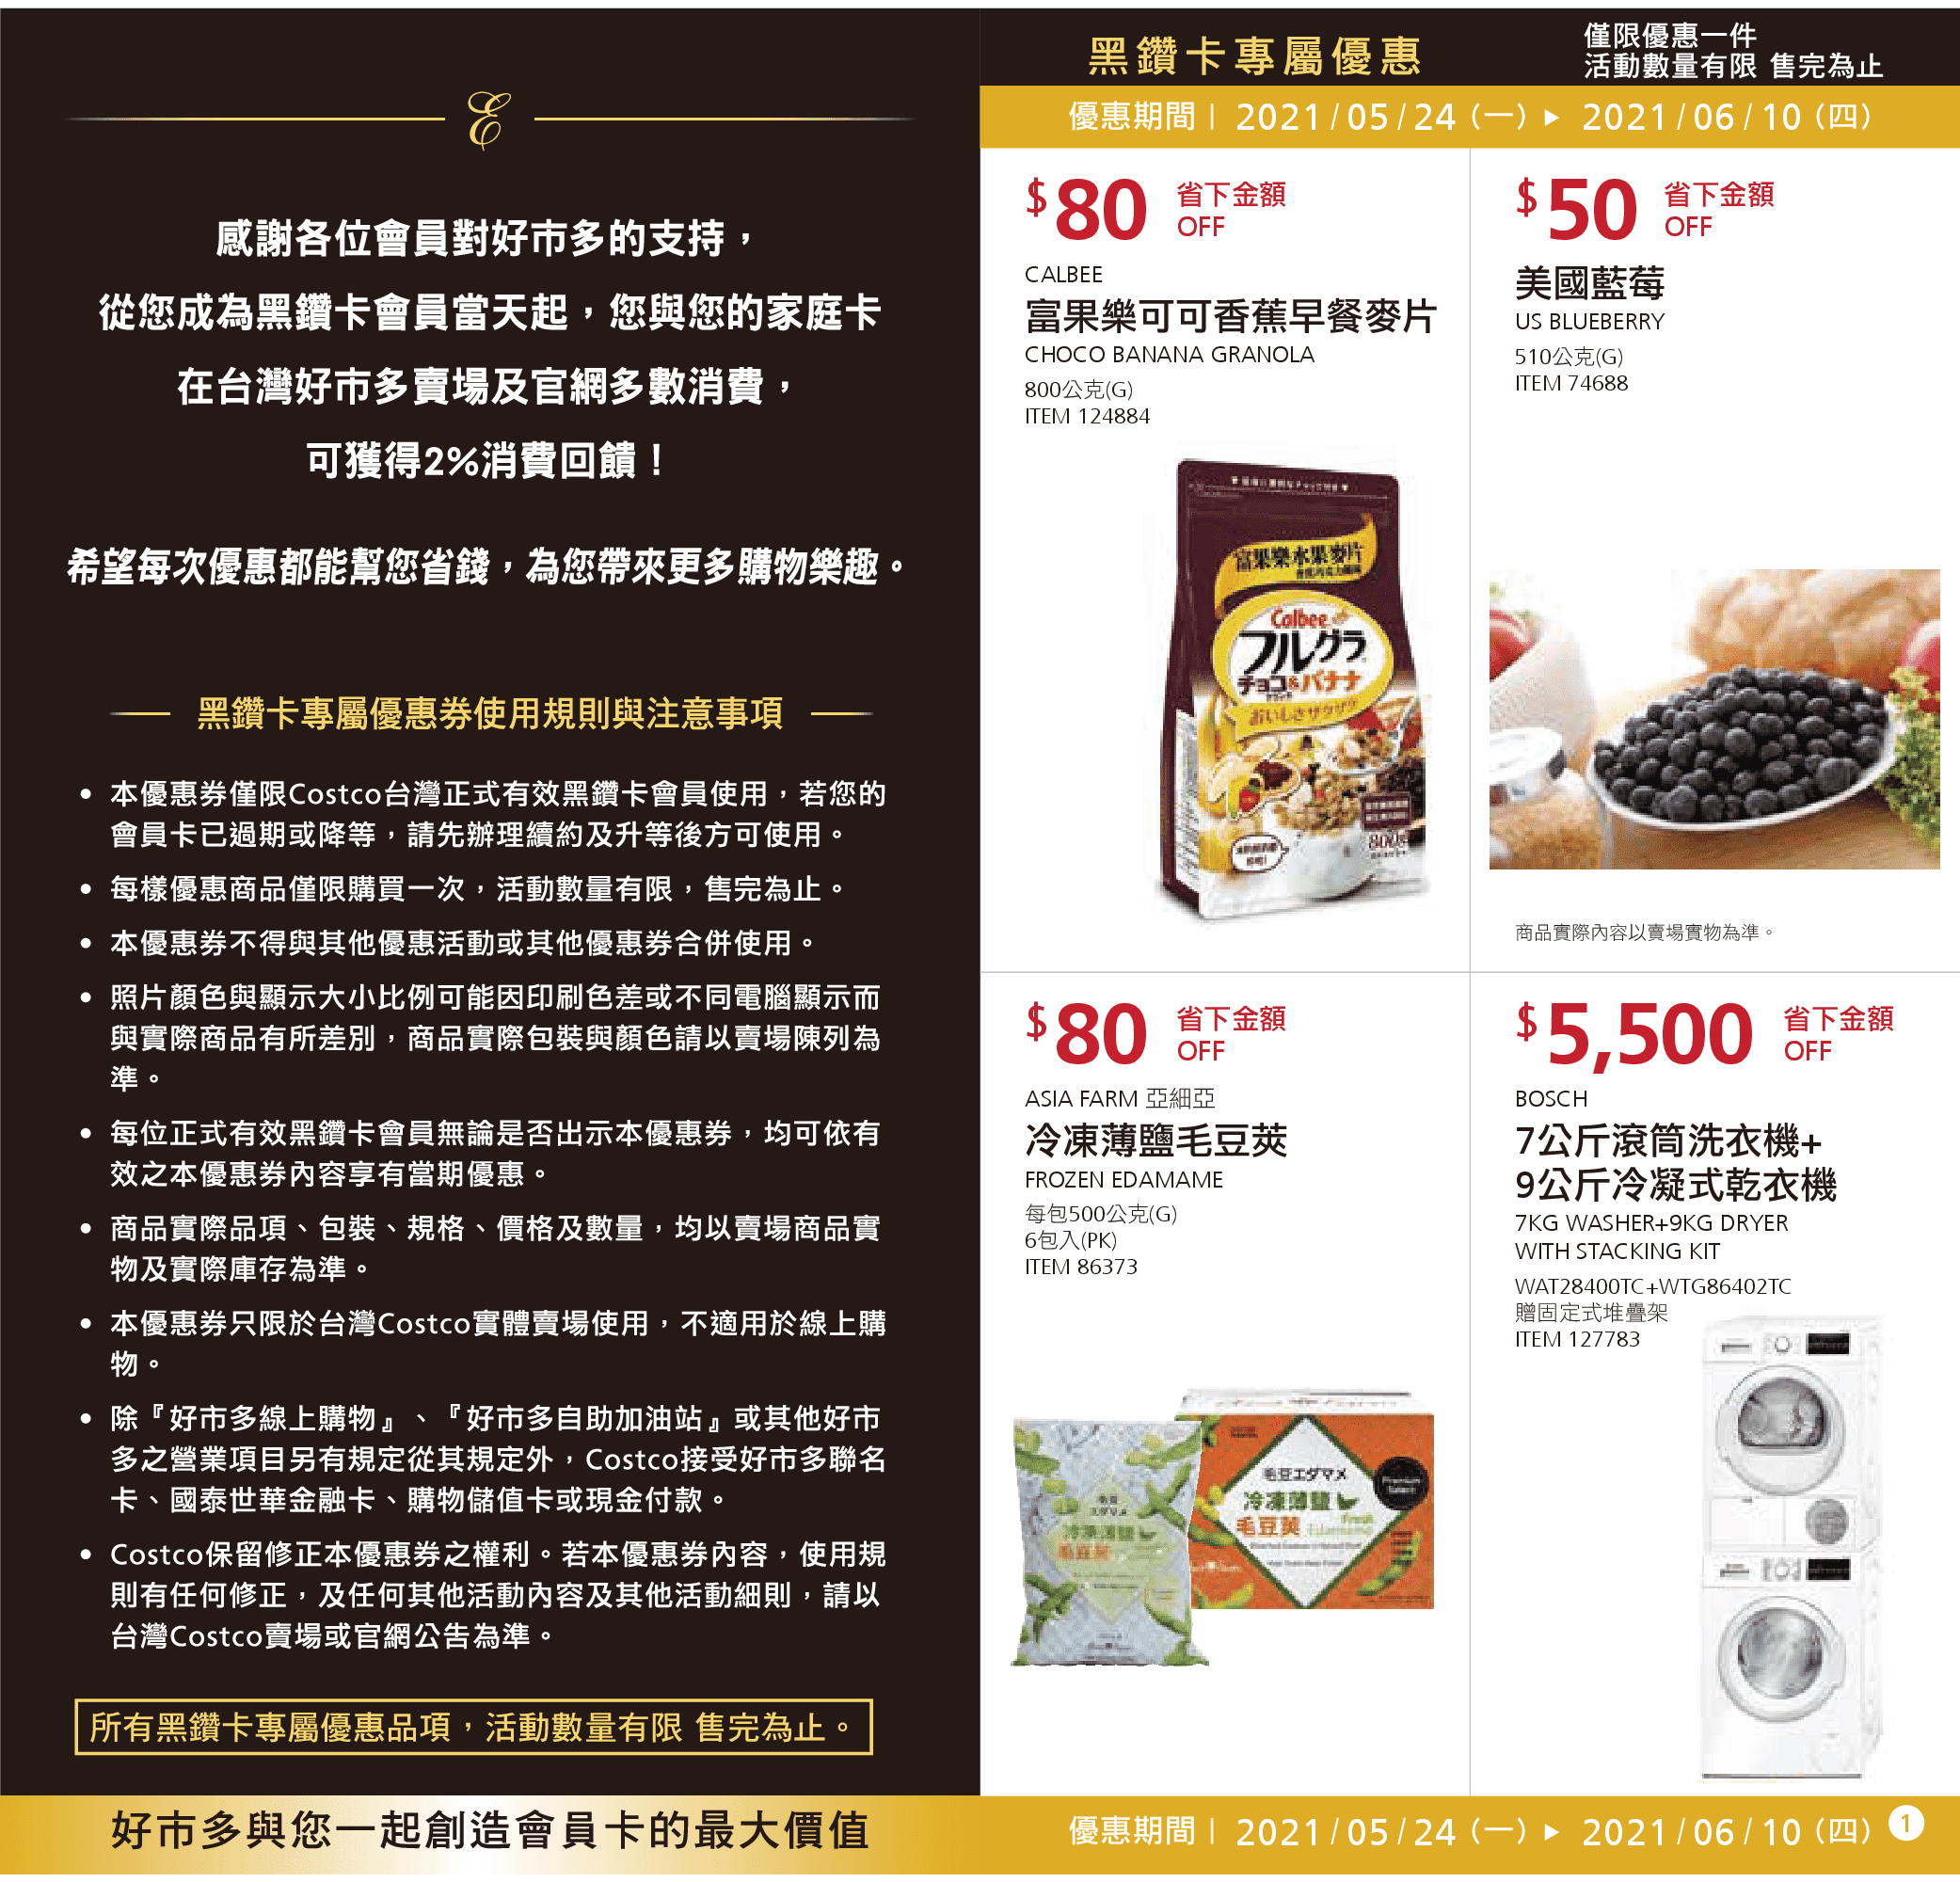 Costco【黑鑽卡專屬優惠(使用規則及注意事項)】2021/05/24~2021/06/10